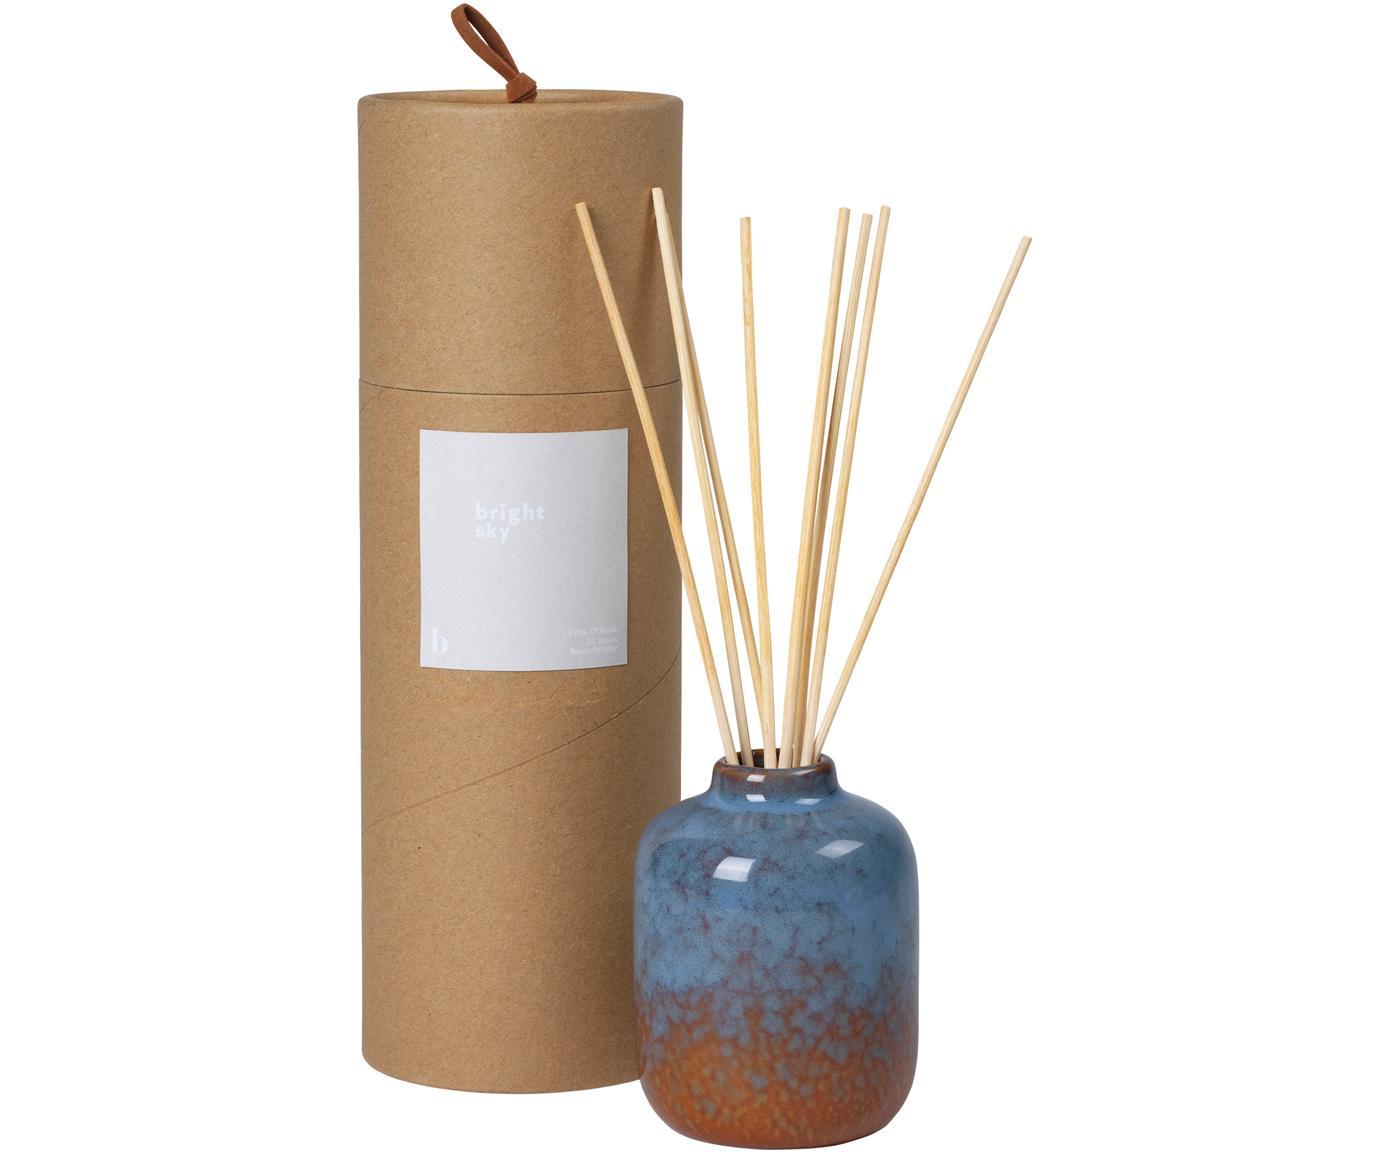 Ambientador Bright Sky, Recipiente: cerámica, Marrón, azul, Ø 7 x Al 9 cm